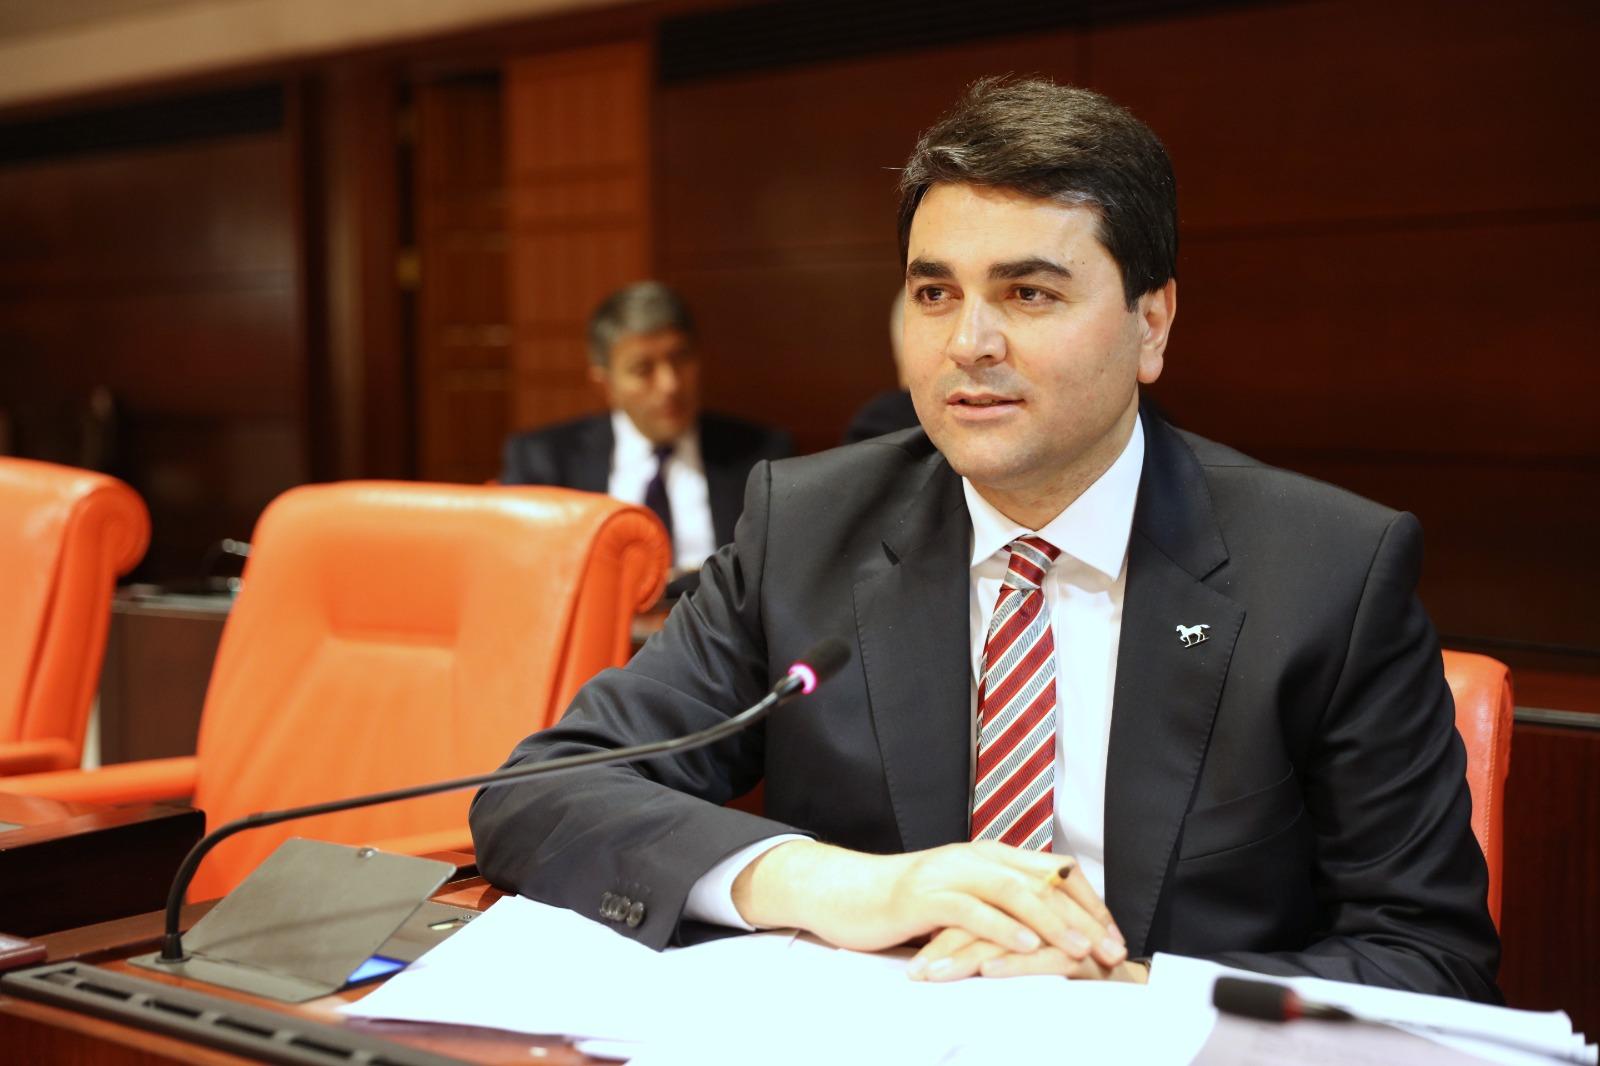 """AKP Hükümetine çağrımız: """"Engelleme! İşbirliği yap!"""""""